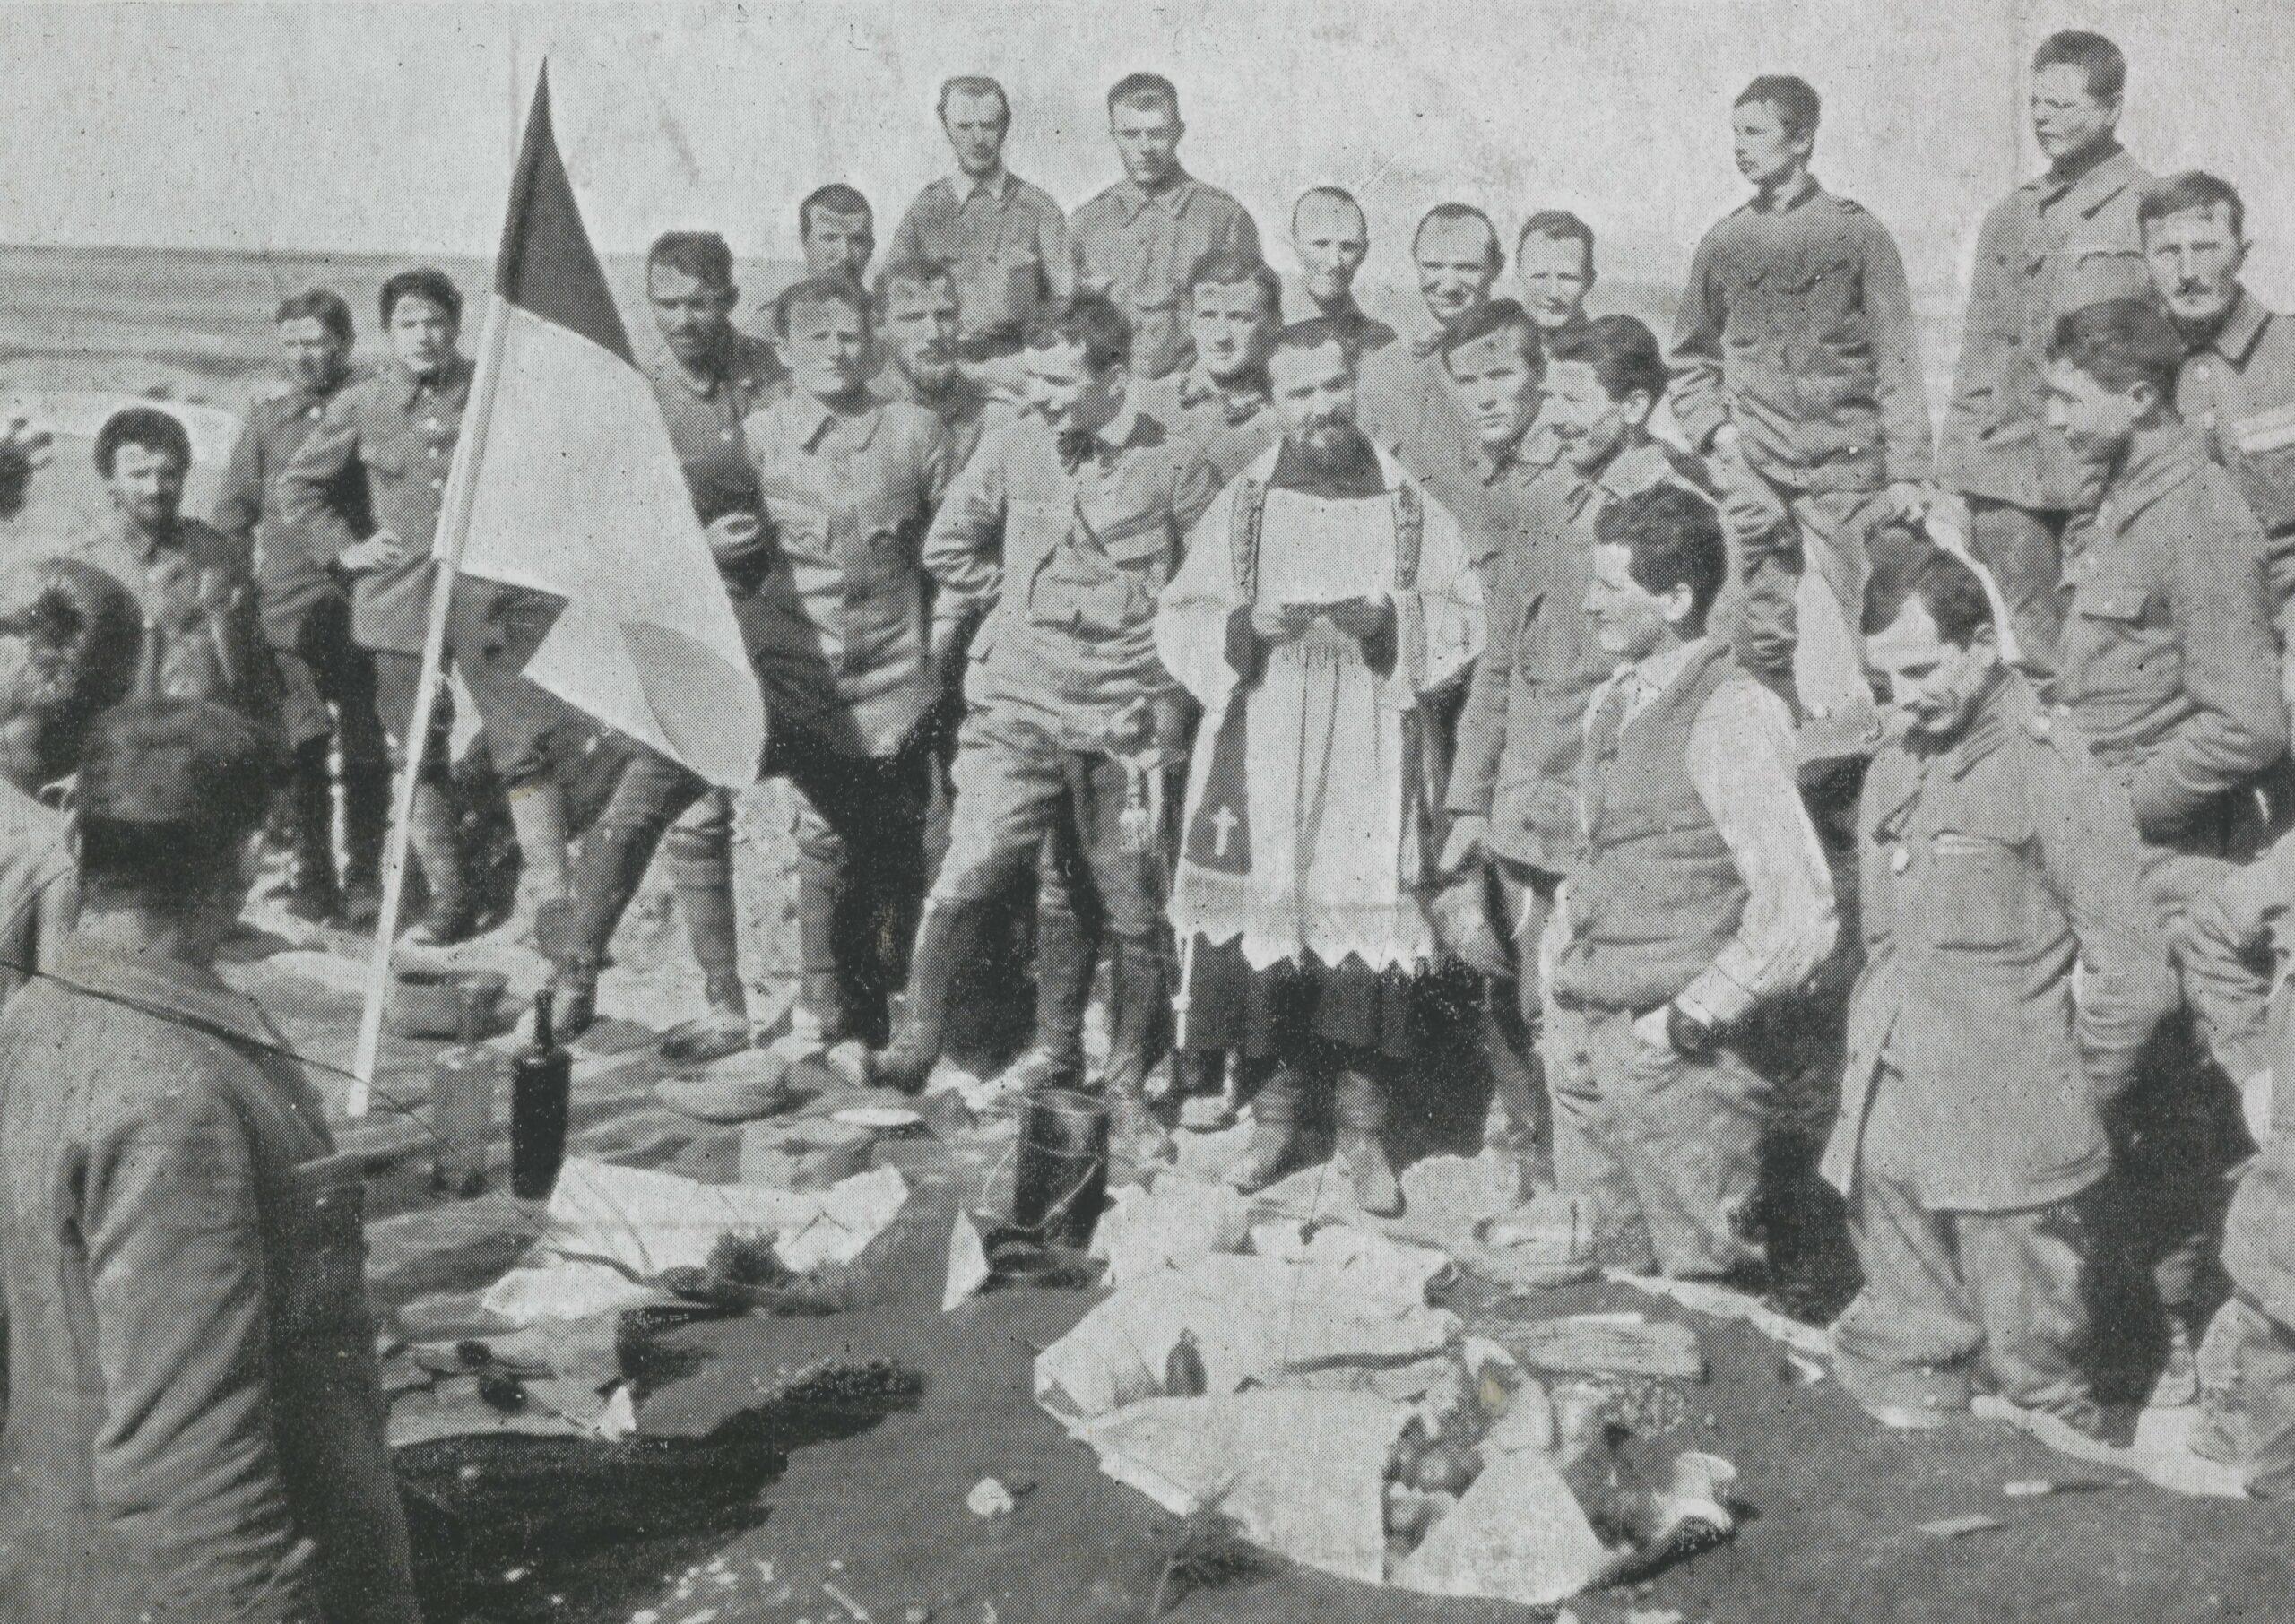 Żołnierze I Brygady Legionów Polskich stoją przy stole świątecznym. W centralnej części fotografii ksiądz.